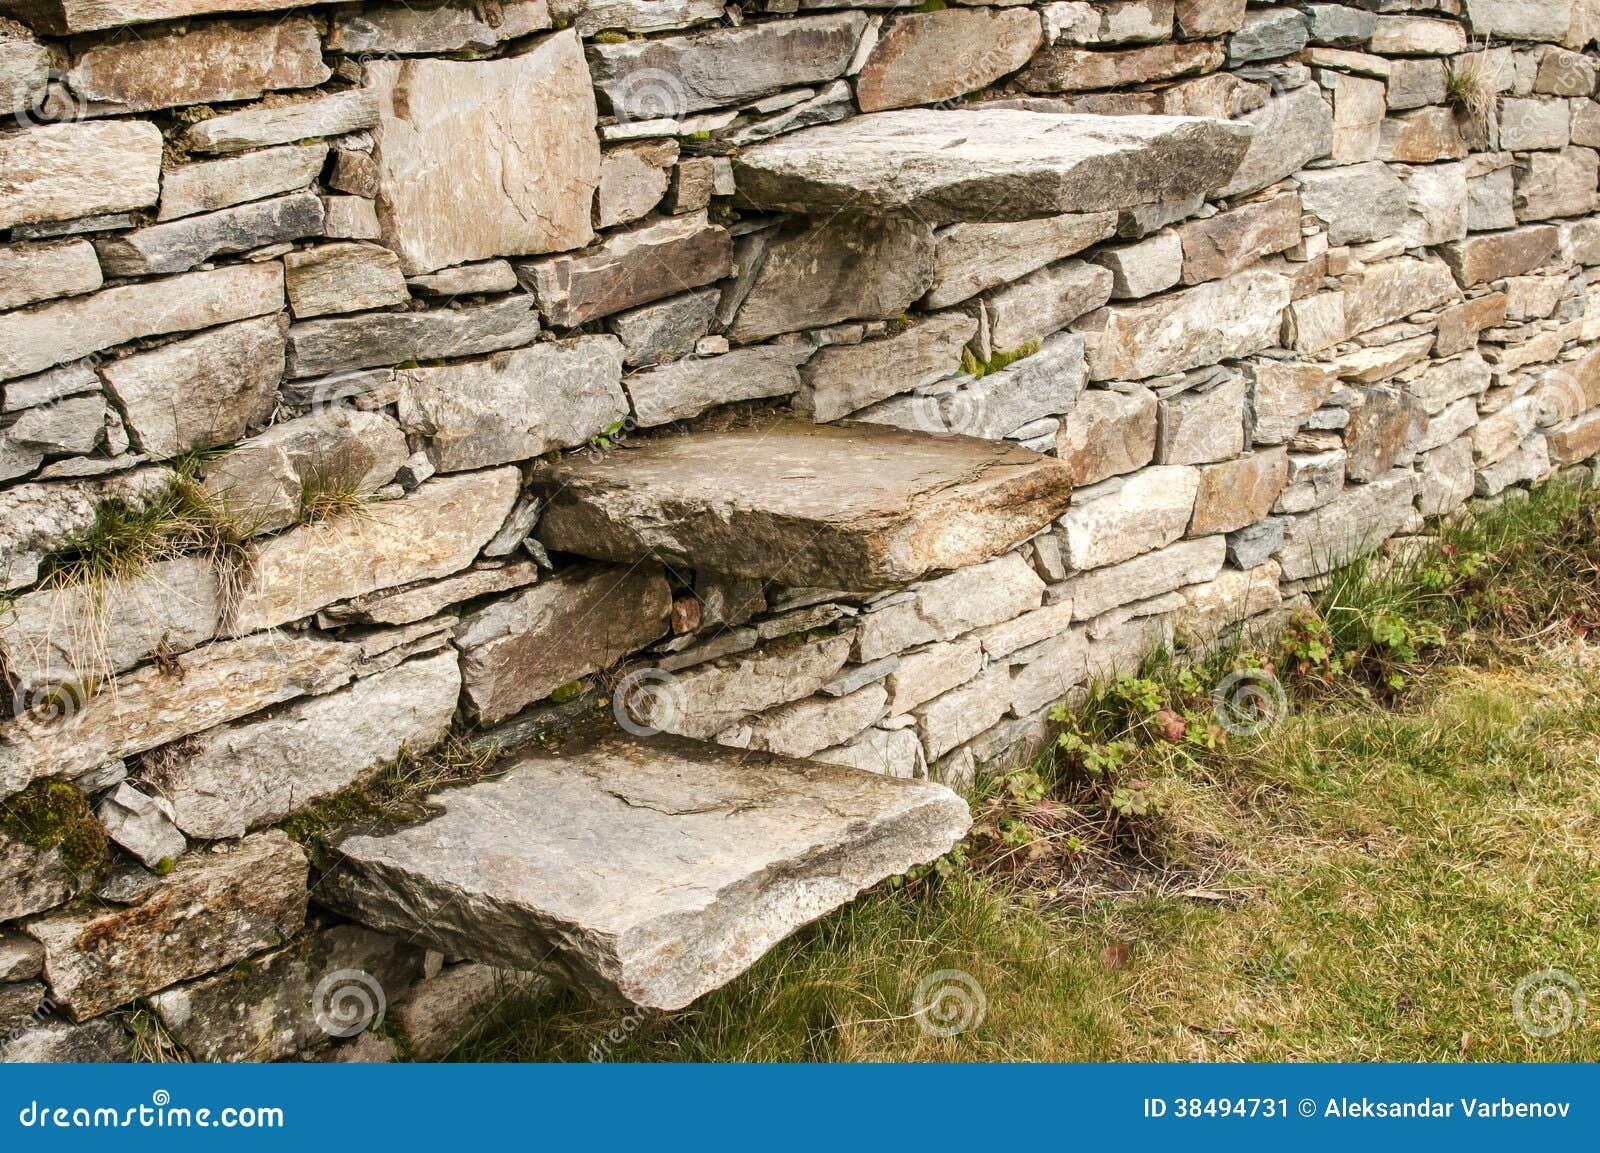 steinschritte in legen steine in den weg stockbild - bild von